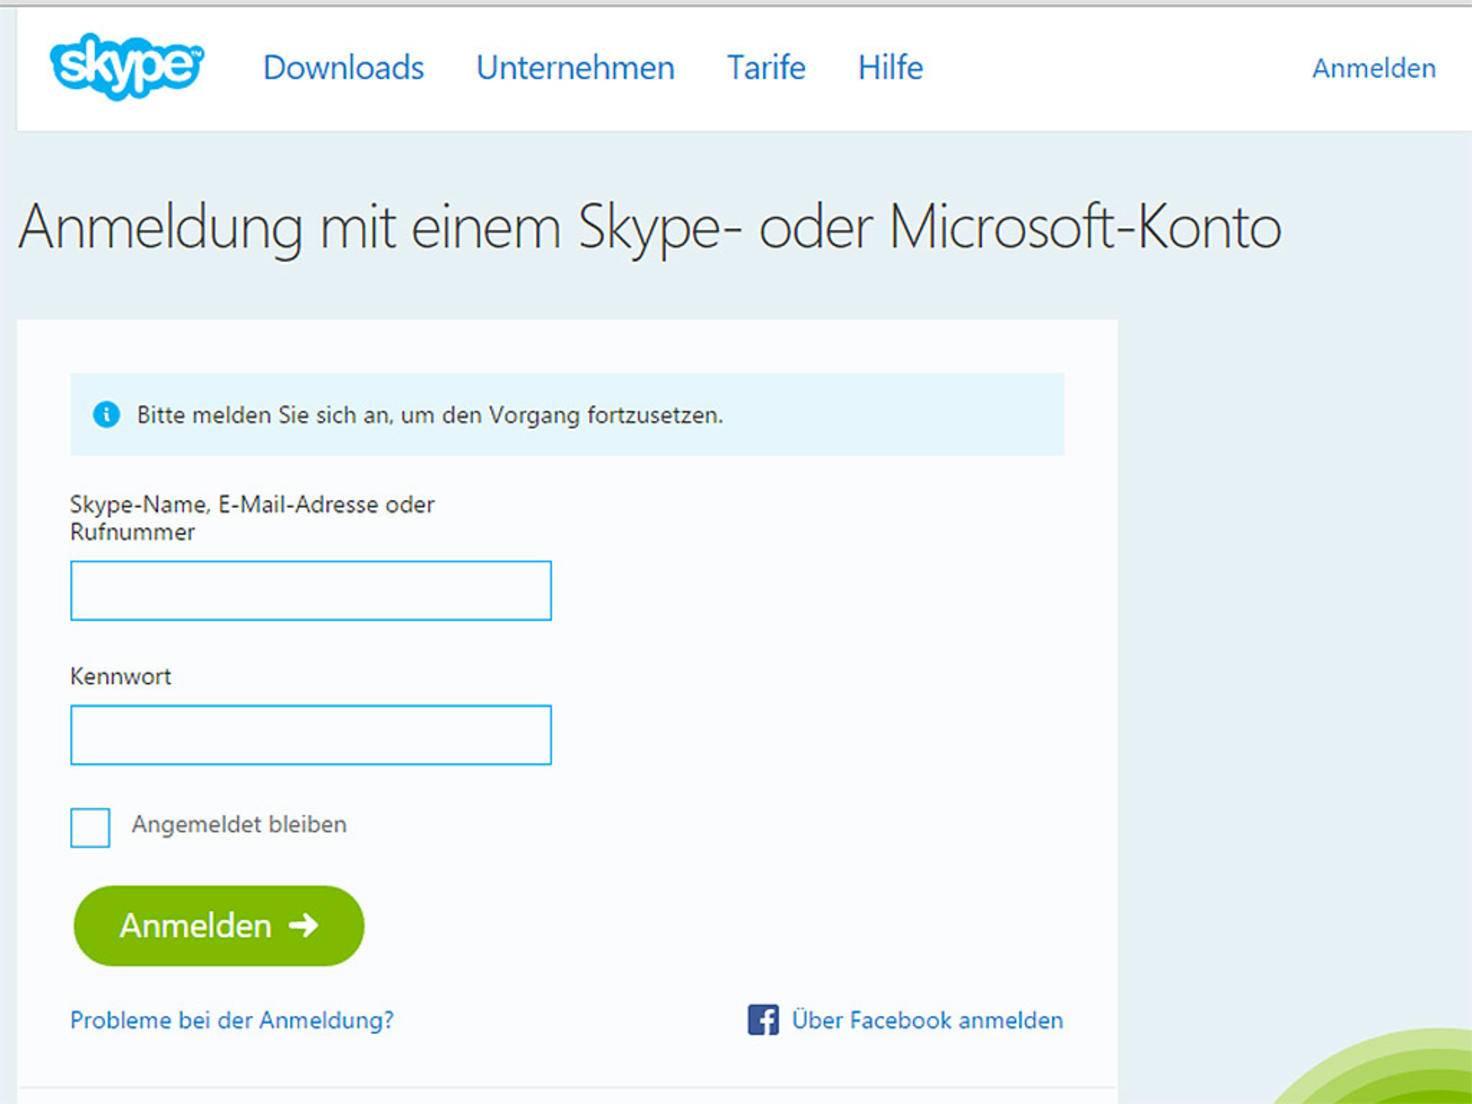 Skype Kundendienst